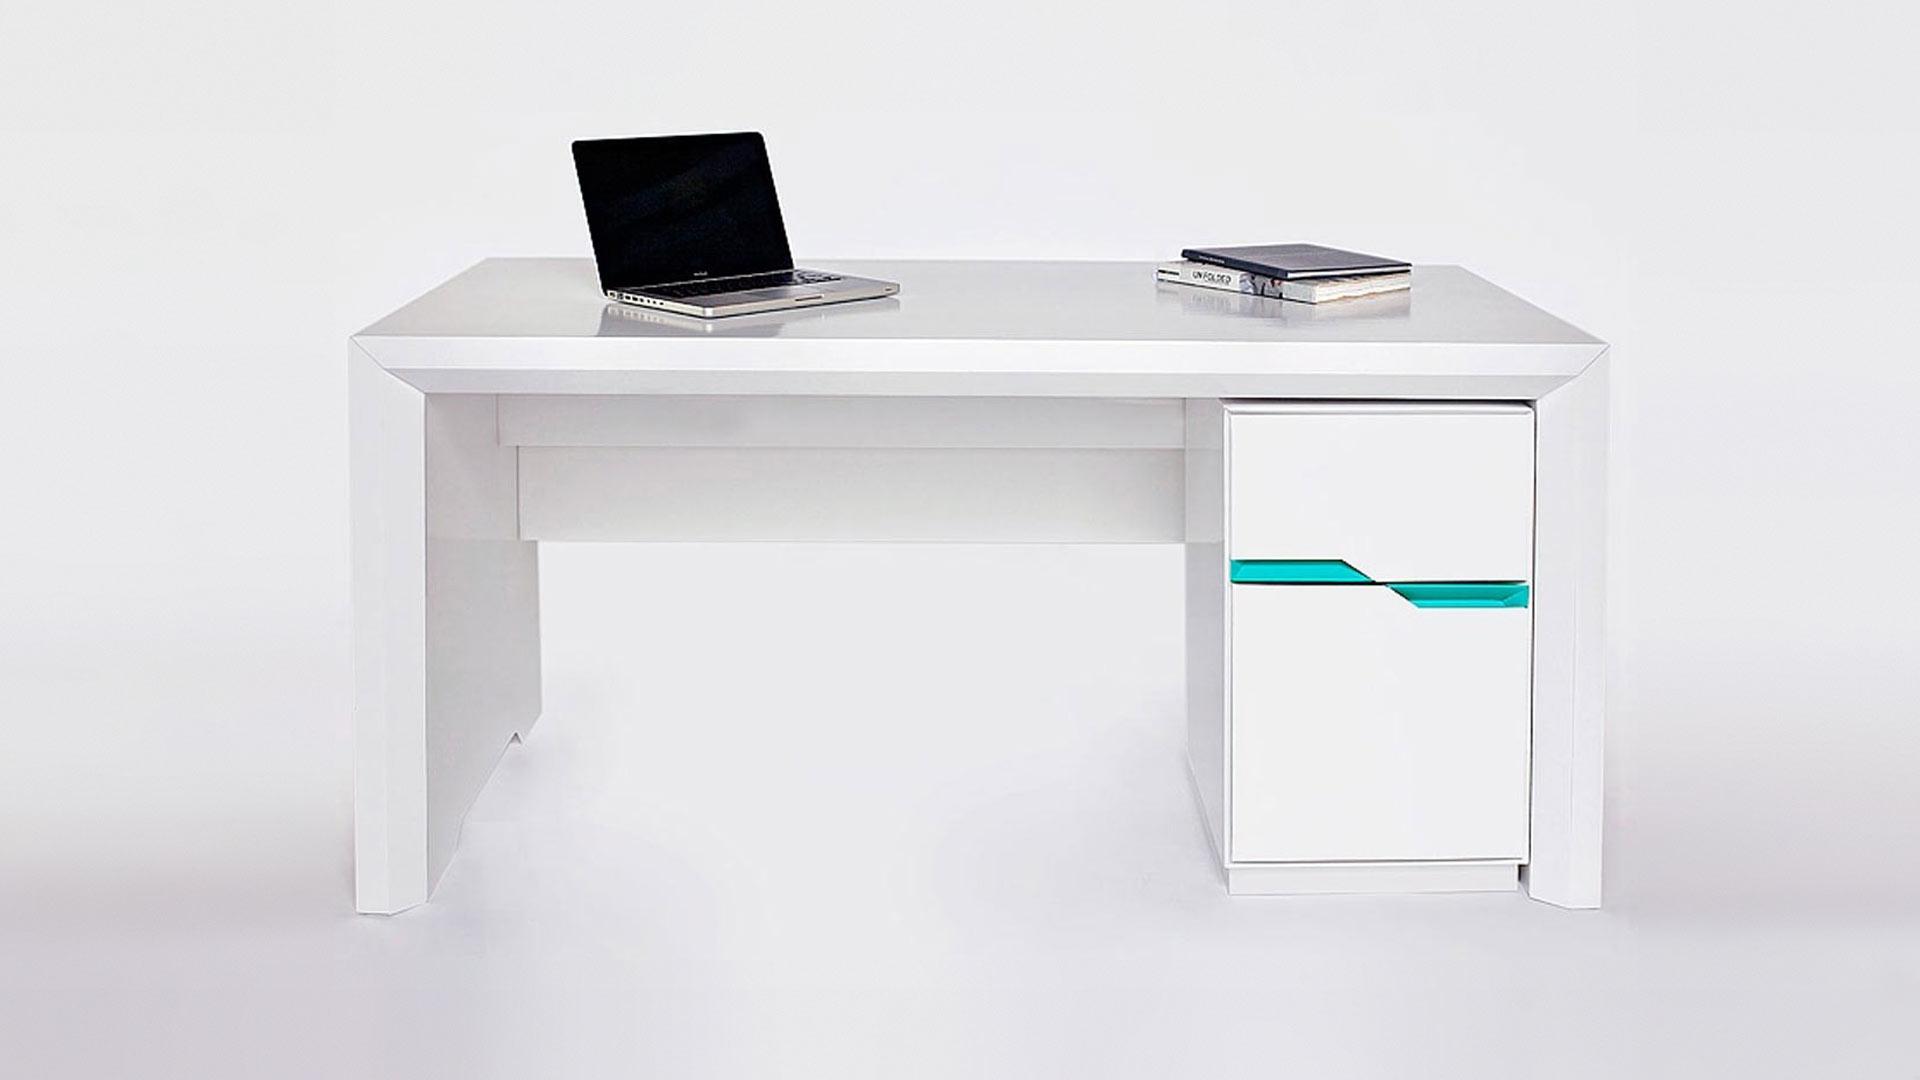 gallery desk standing refold cardboard behance on